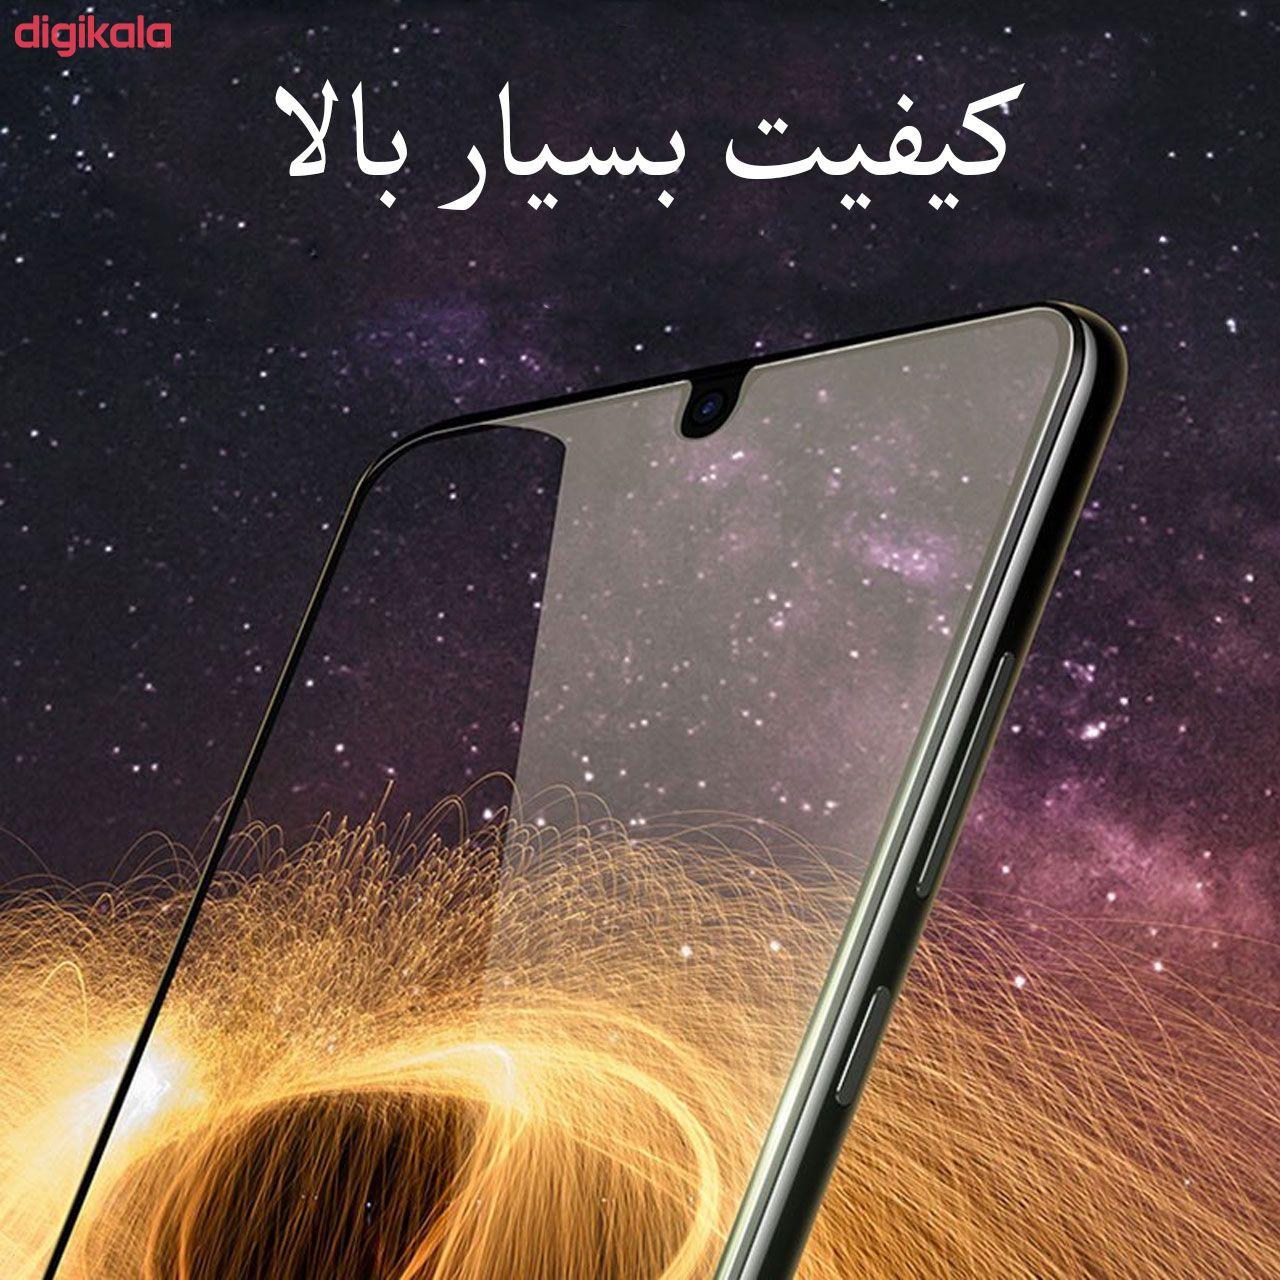 محافظ صفحه نمایش مدل FCG مناسب برای گوشی موبایل سامسونگ Galaxy A12 main 1 14